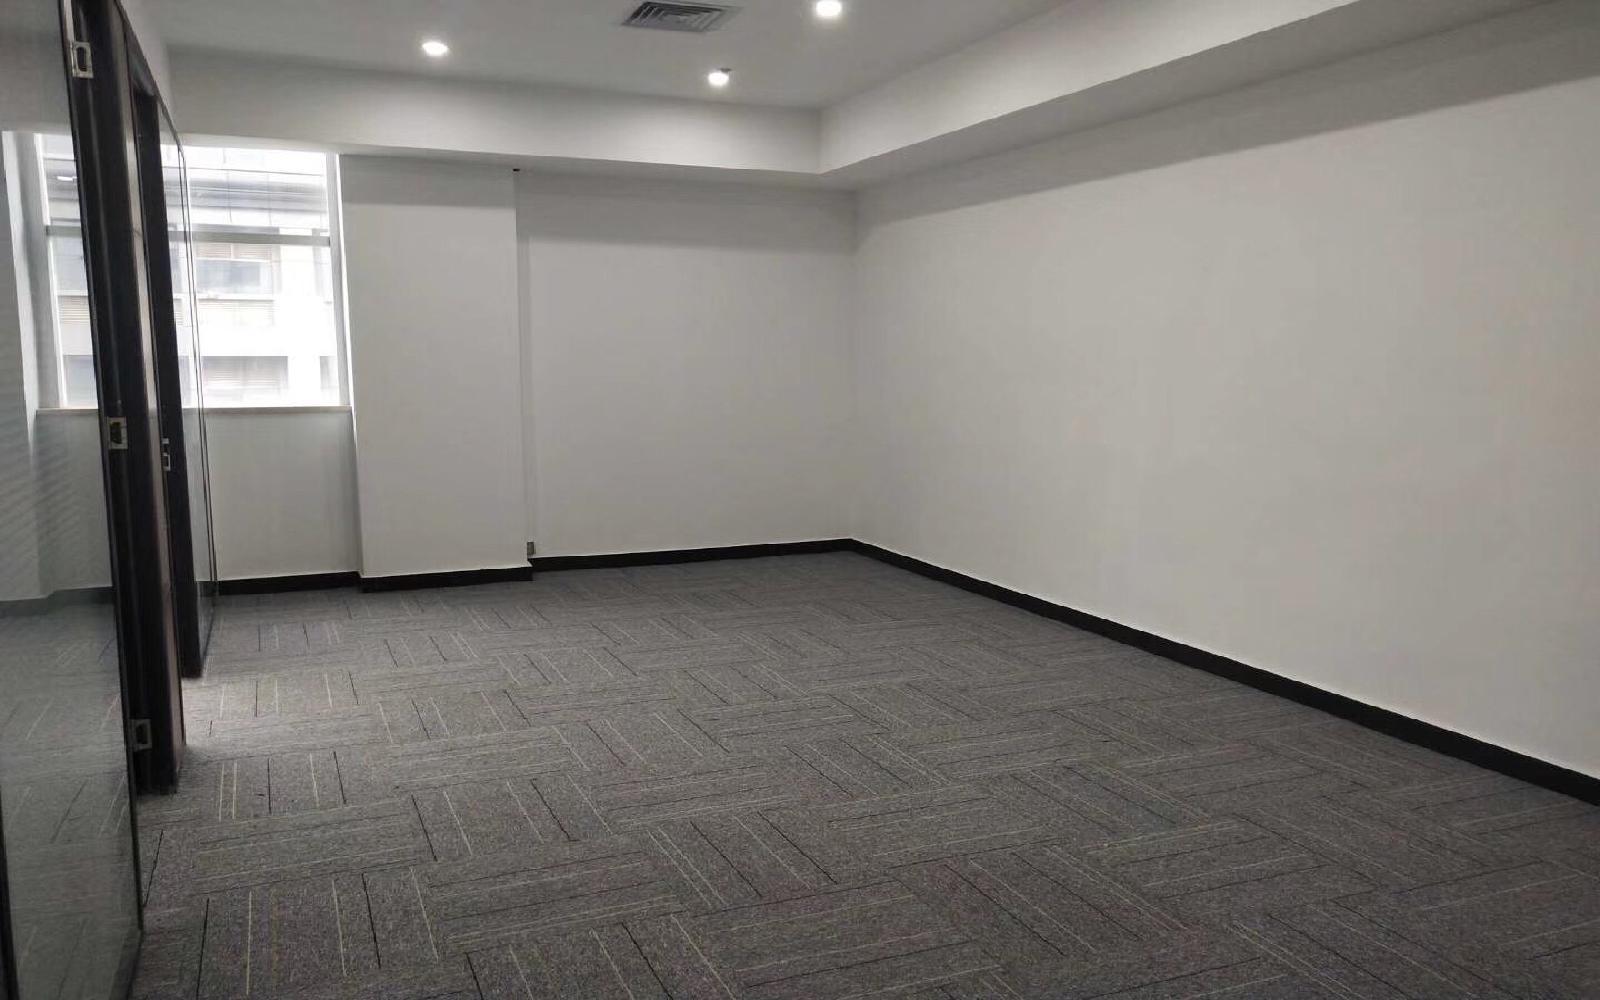 南山-科技园 惠恒大厦 126m²